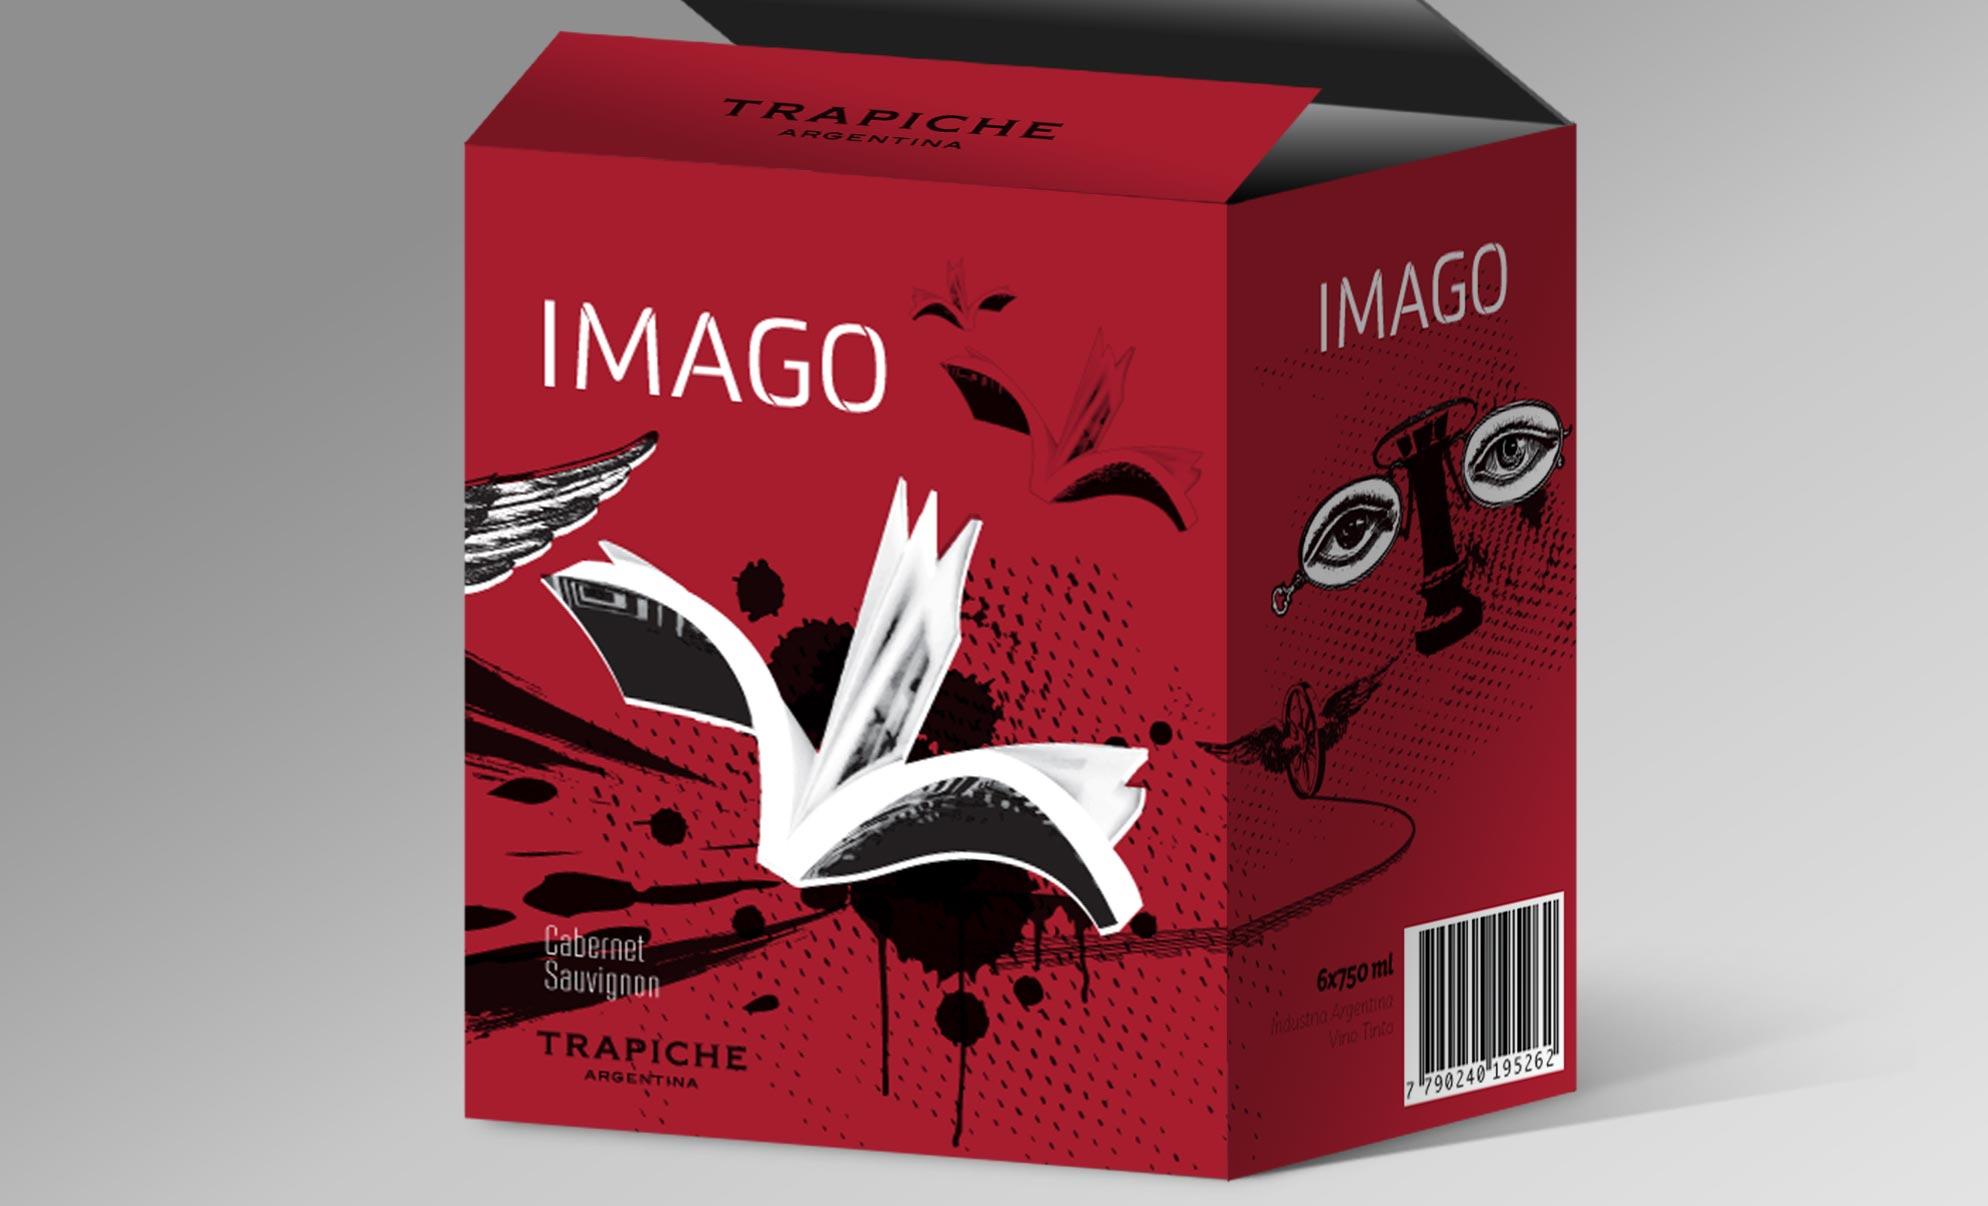 Peñaflor Trapiche Imago Wine Packaging Cabernet Sauvignon